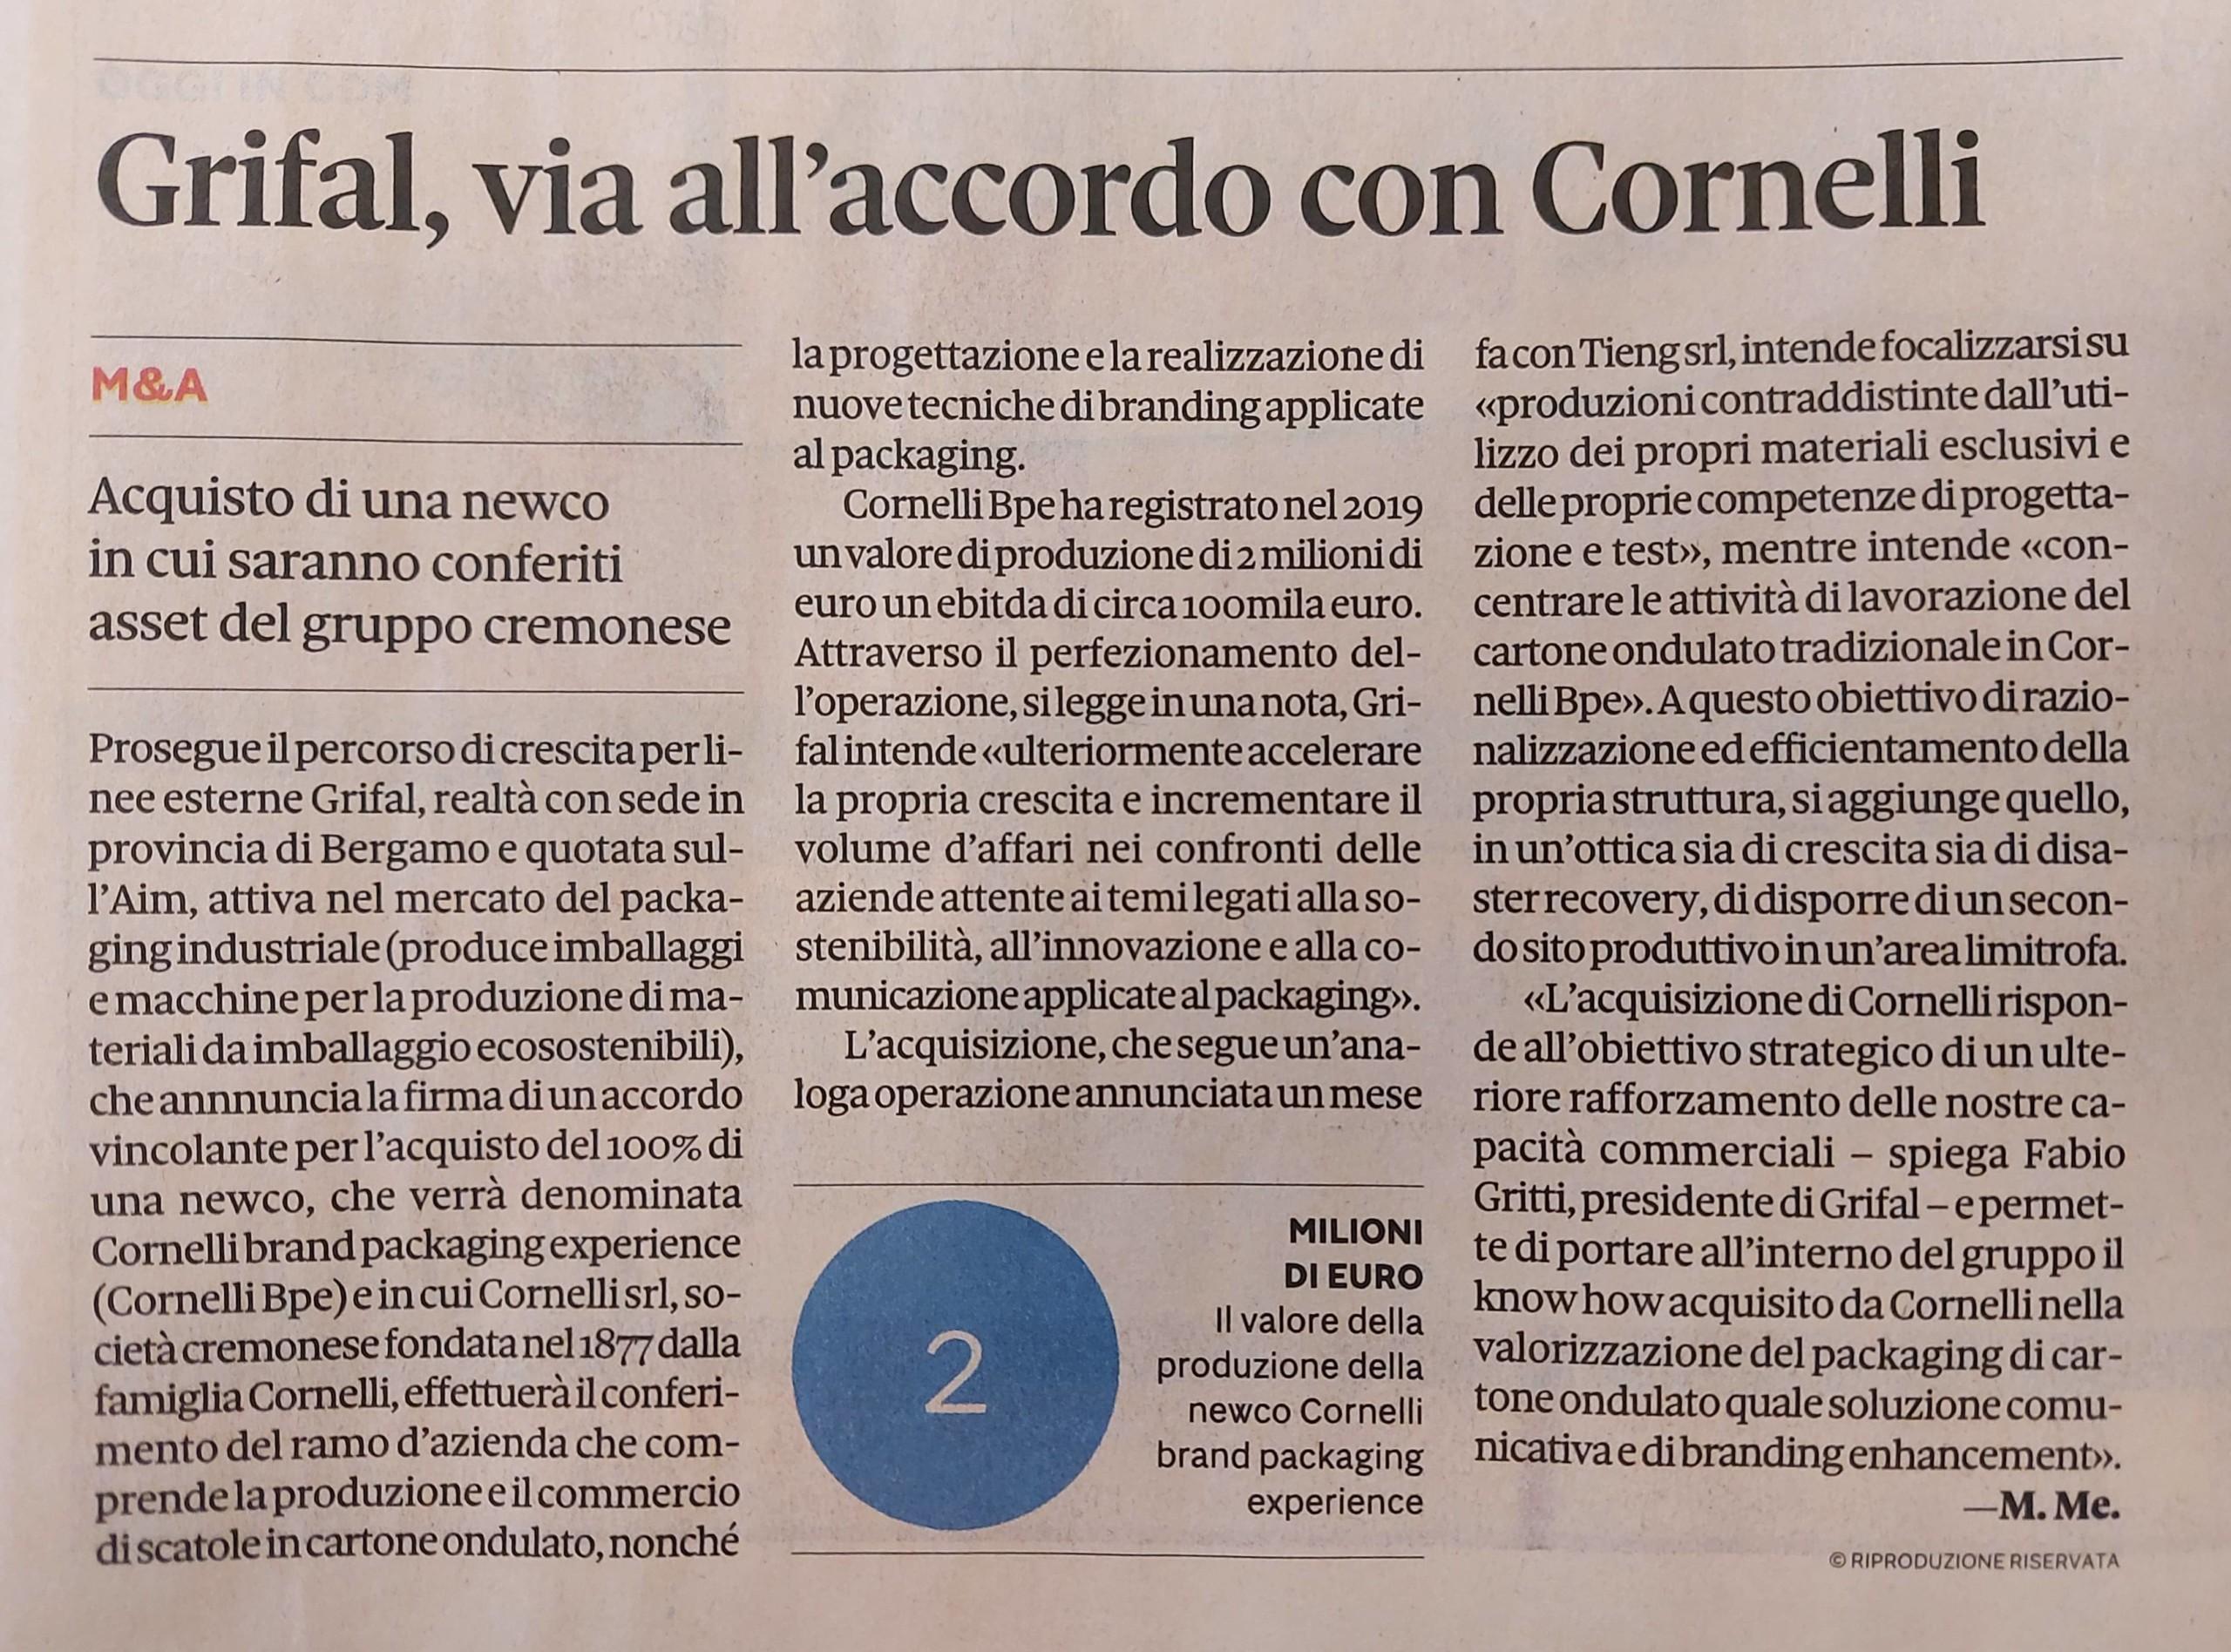 Diffusione stampa acquisizione Cornelli Grifal IlSole24Ore